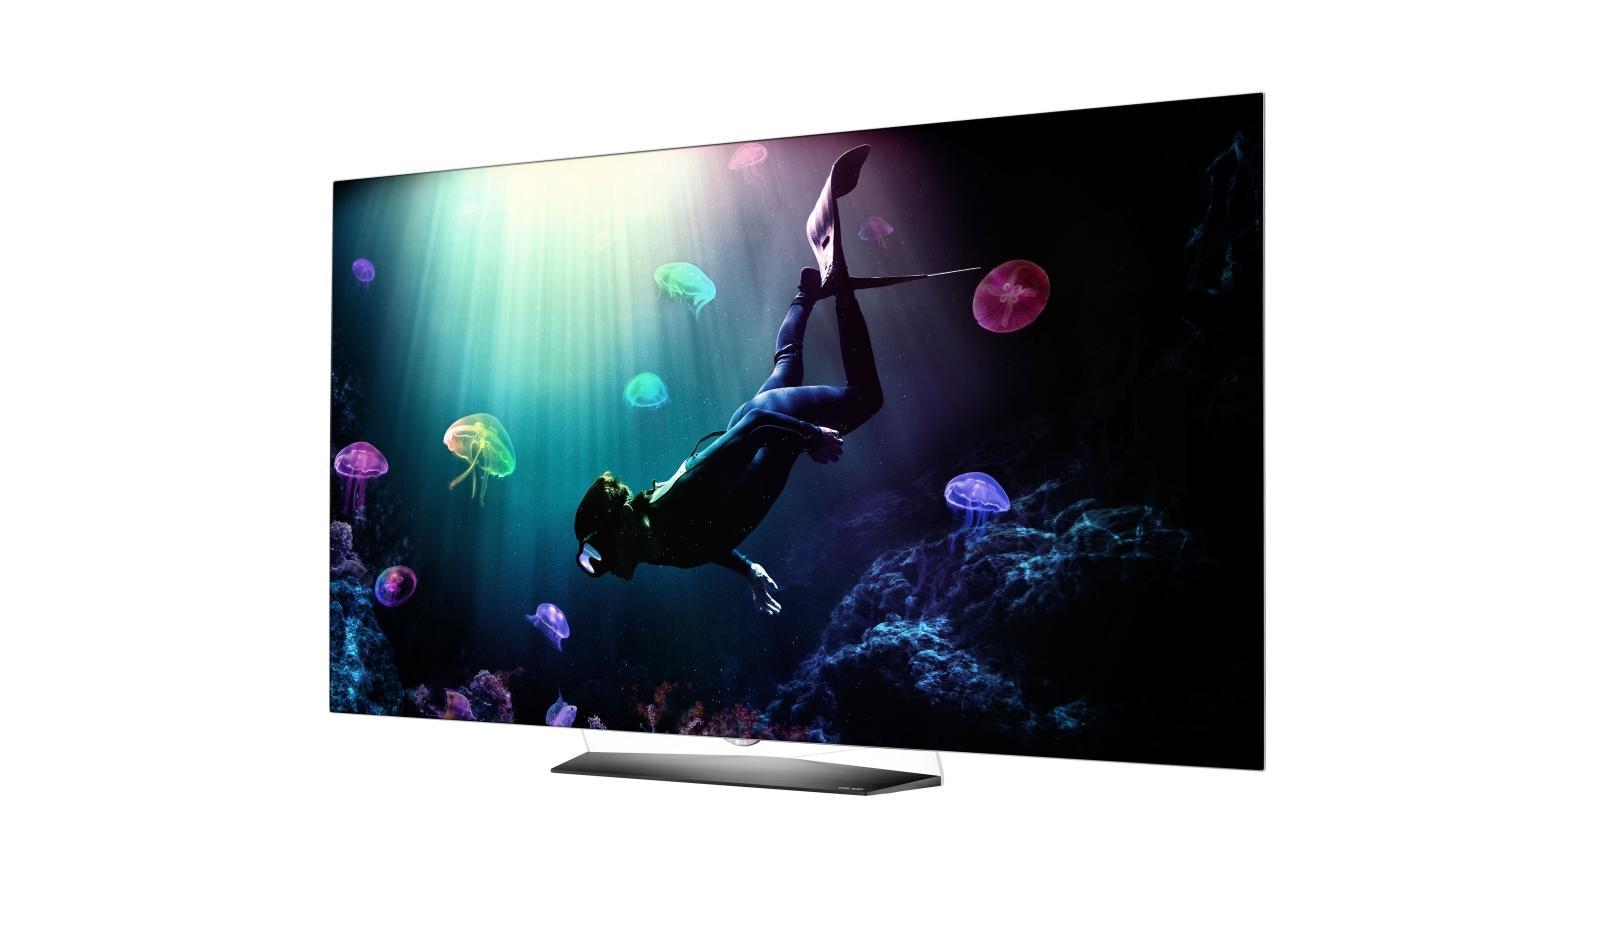 Lg Oled55b6p B6 55 Inch Class Oled 4k Hdr Smart Tv Lg Usa